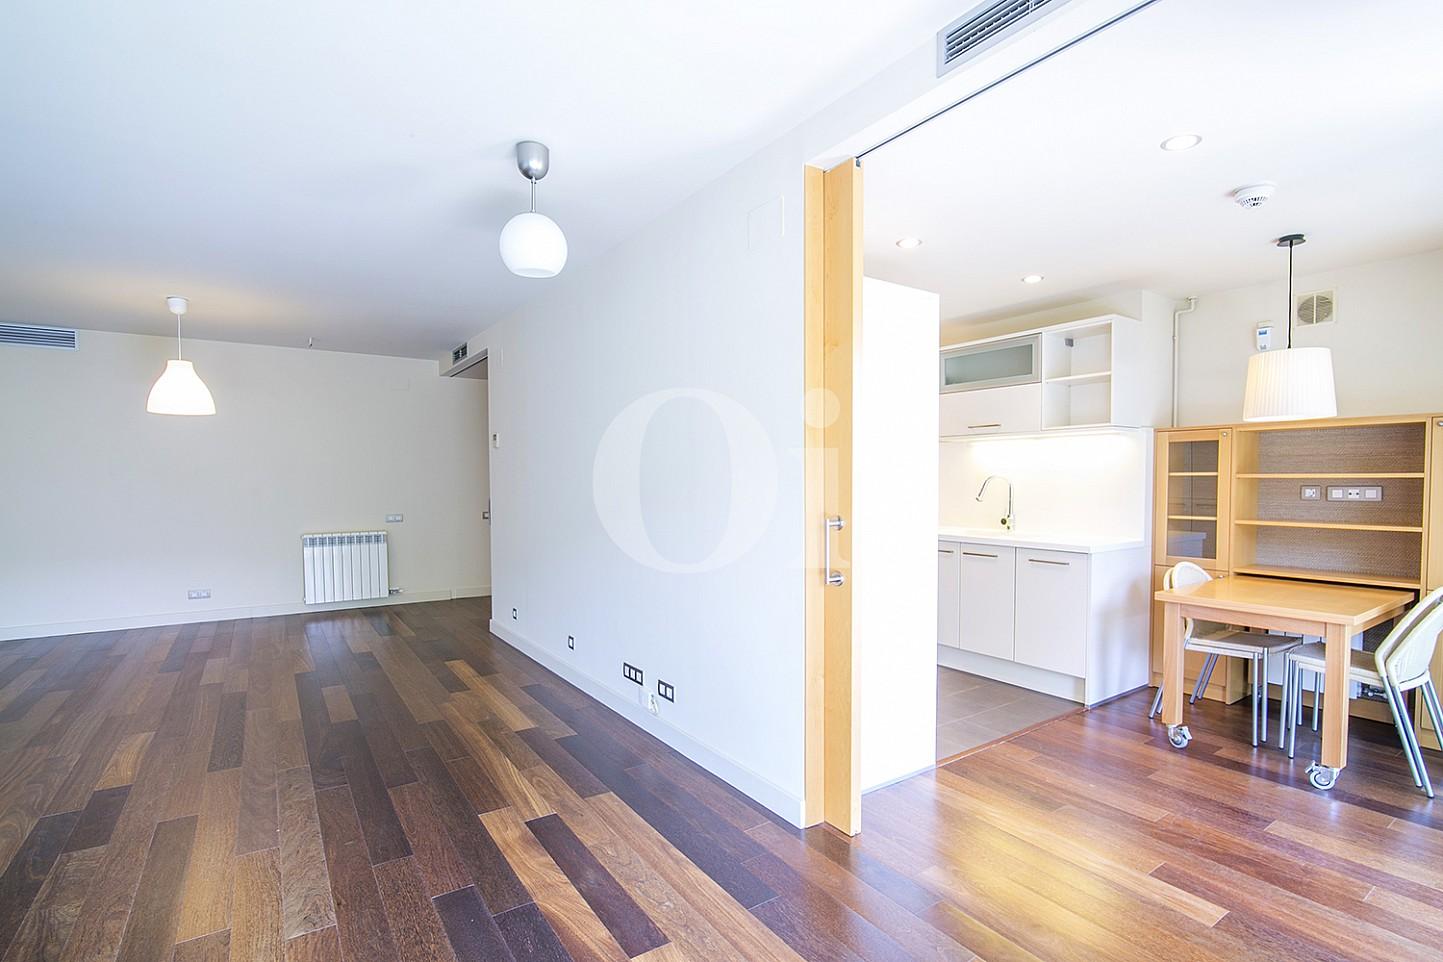 Элегантная квартира на продажу в районе Saria, Barcelona